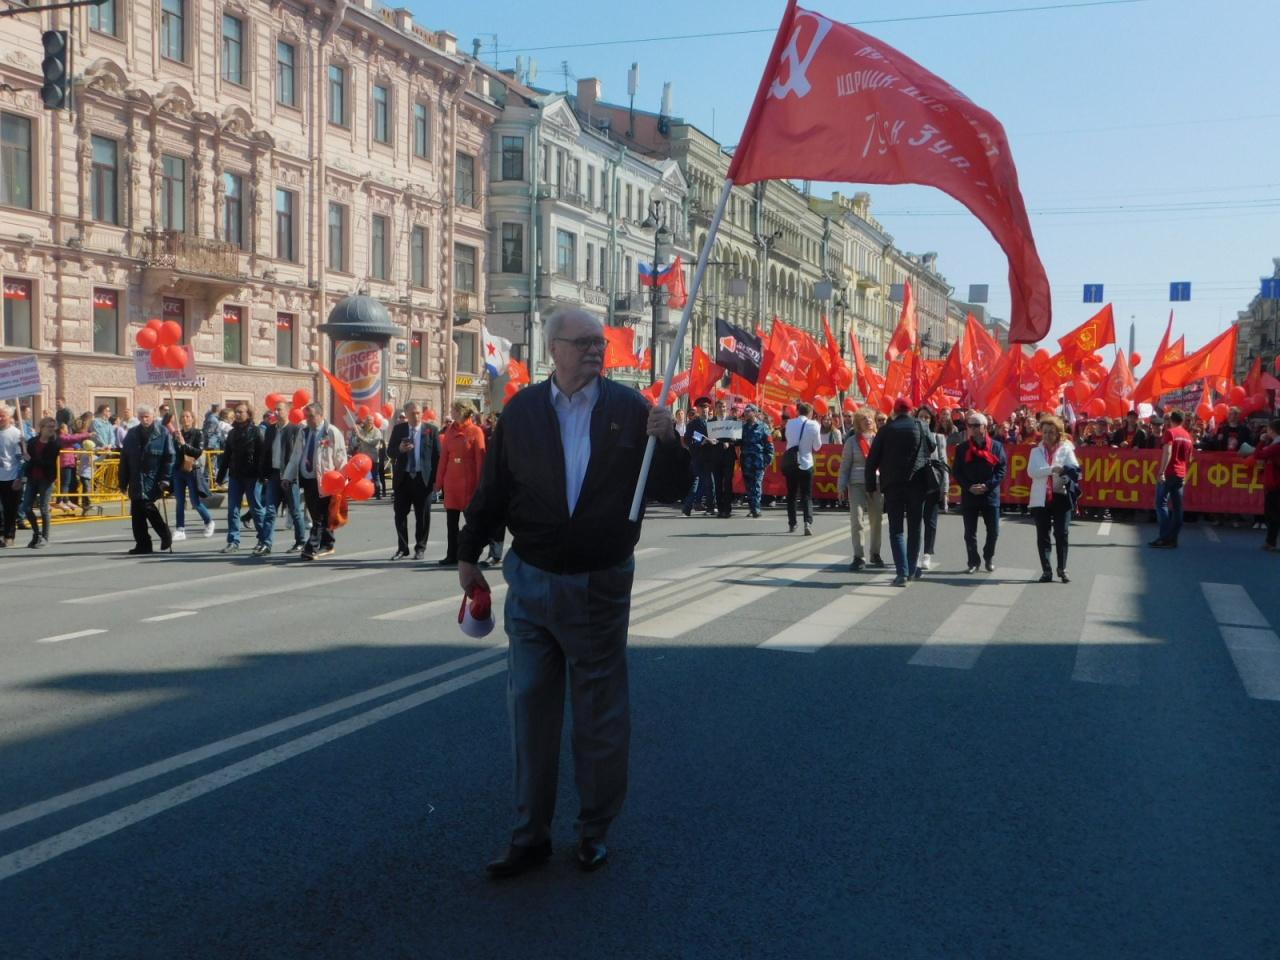 фото ЗакС политика Бортко: Начальник моего штаба сможет управлять городом не хуже Албина